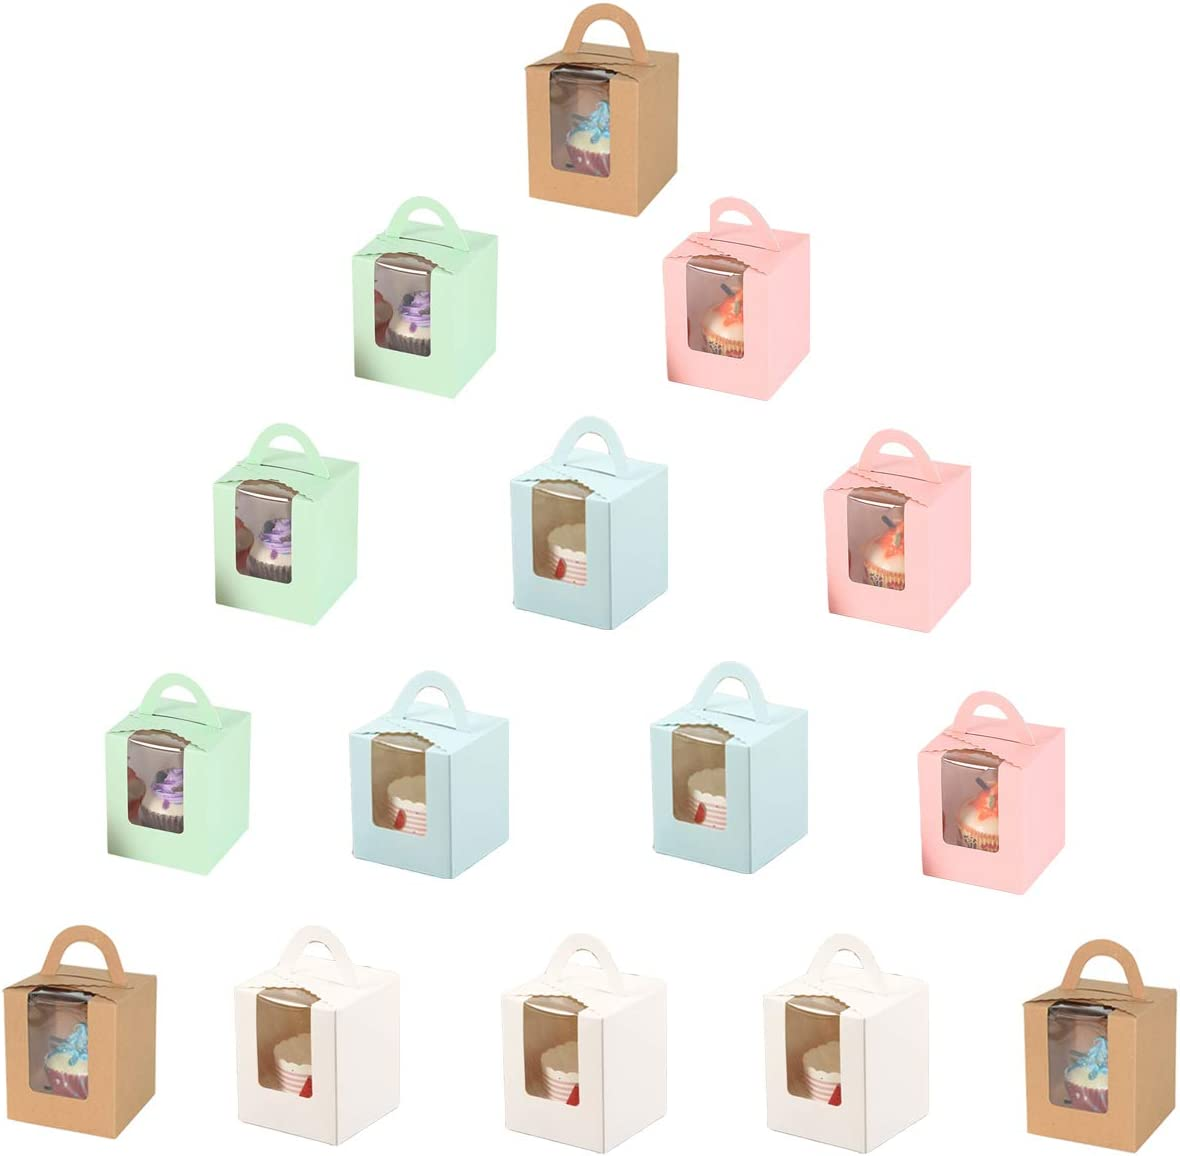 Muffin 10Pi/èces Bo/îtes /à Cupcake Bo/îtes /à G/âteaux Avec Fen/être en PET Transparente et Poign/ée Coffret C Emballage /à Emporter Boite Bo/îte DEmballage Cupcake Dessert et P/âtisserie